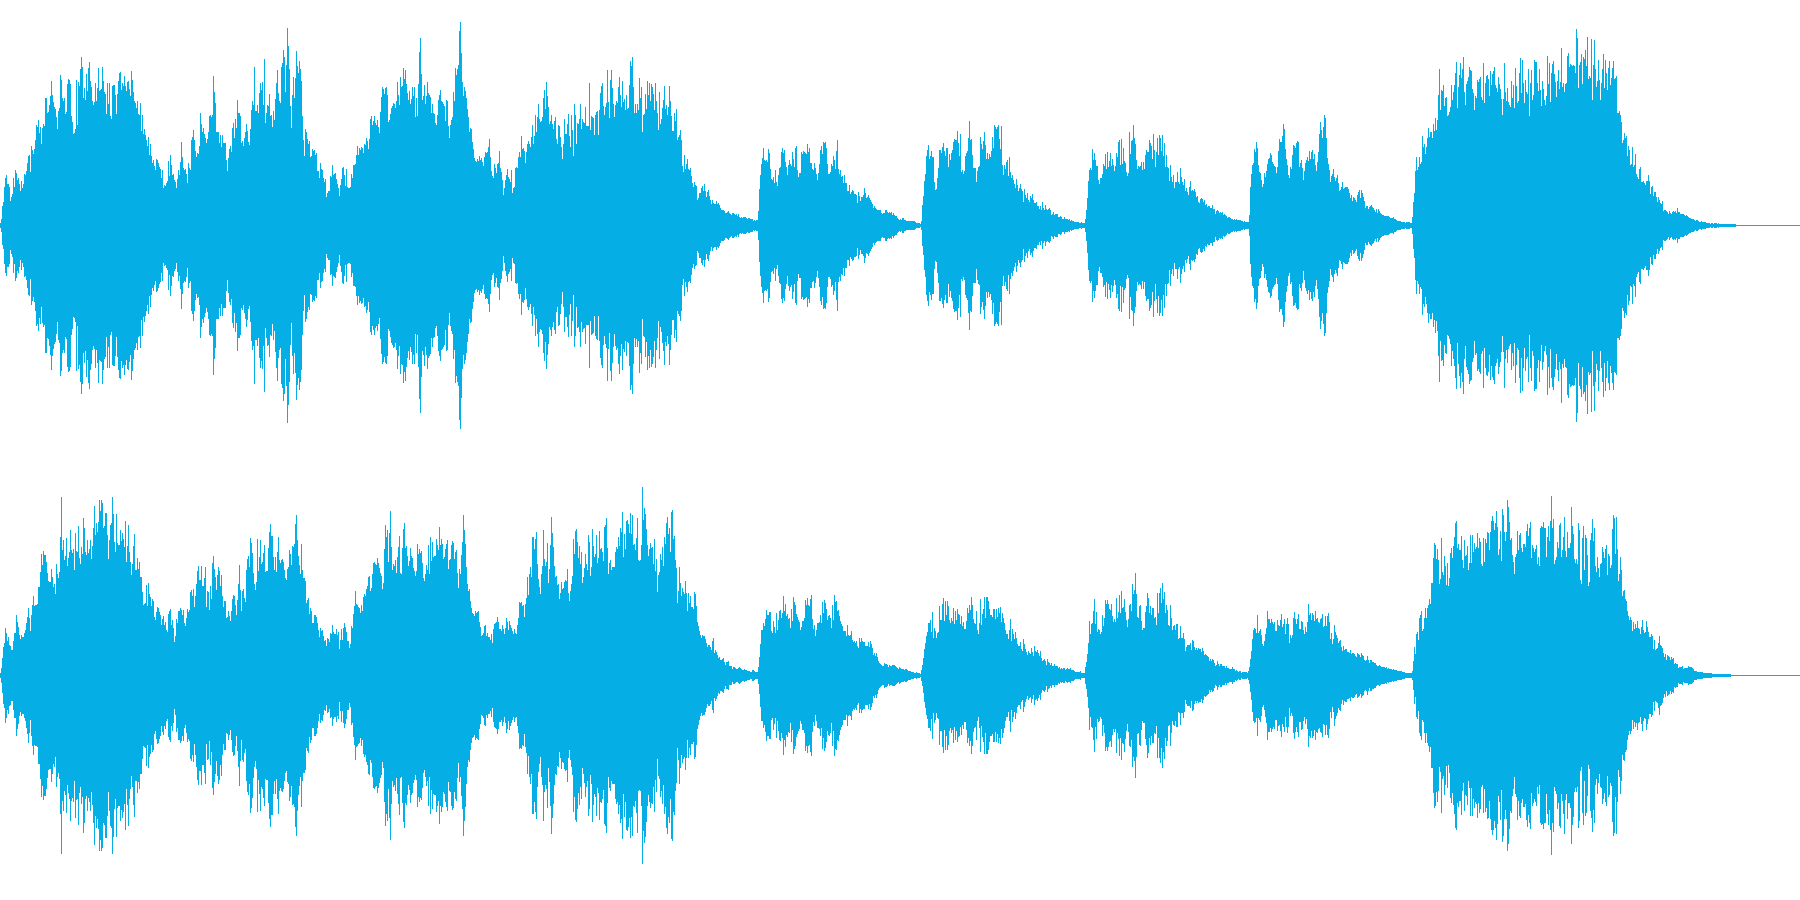 ストリングス系30秒ジングル「兆し」の再生済みの波形